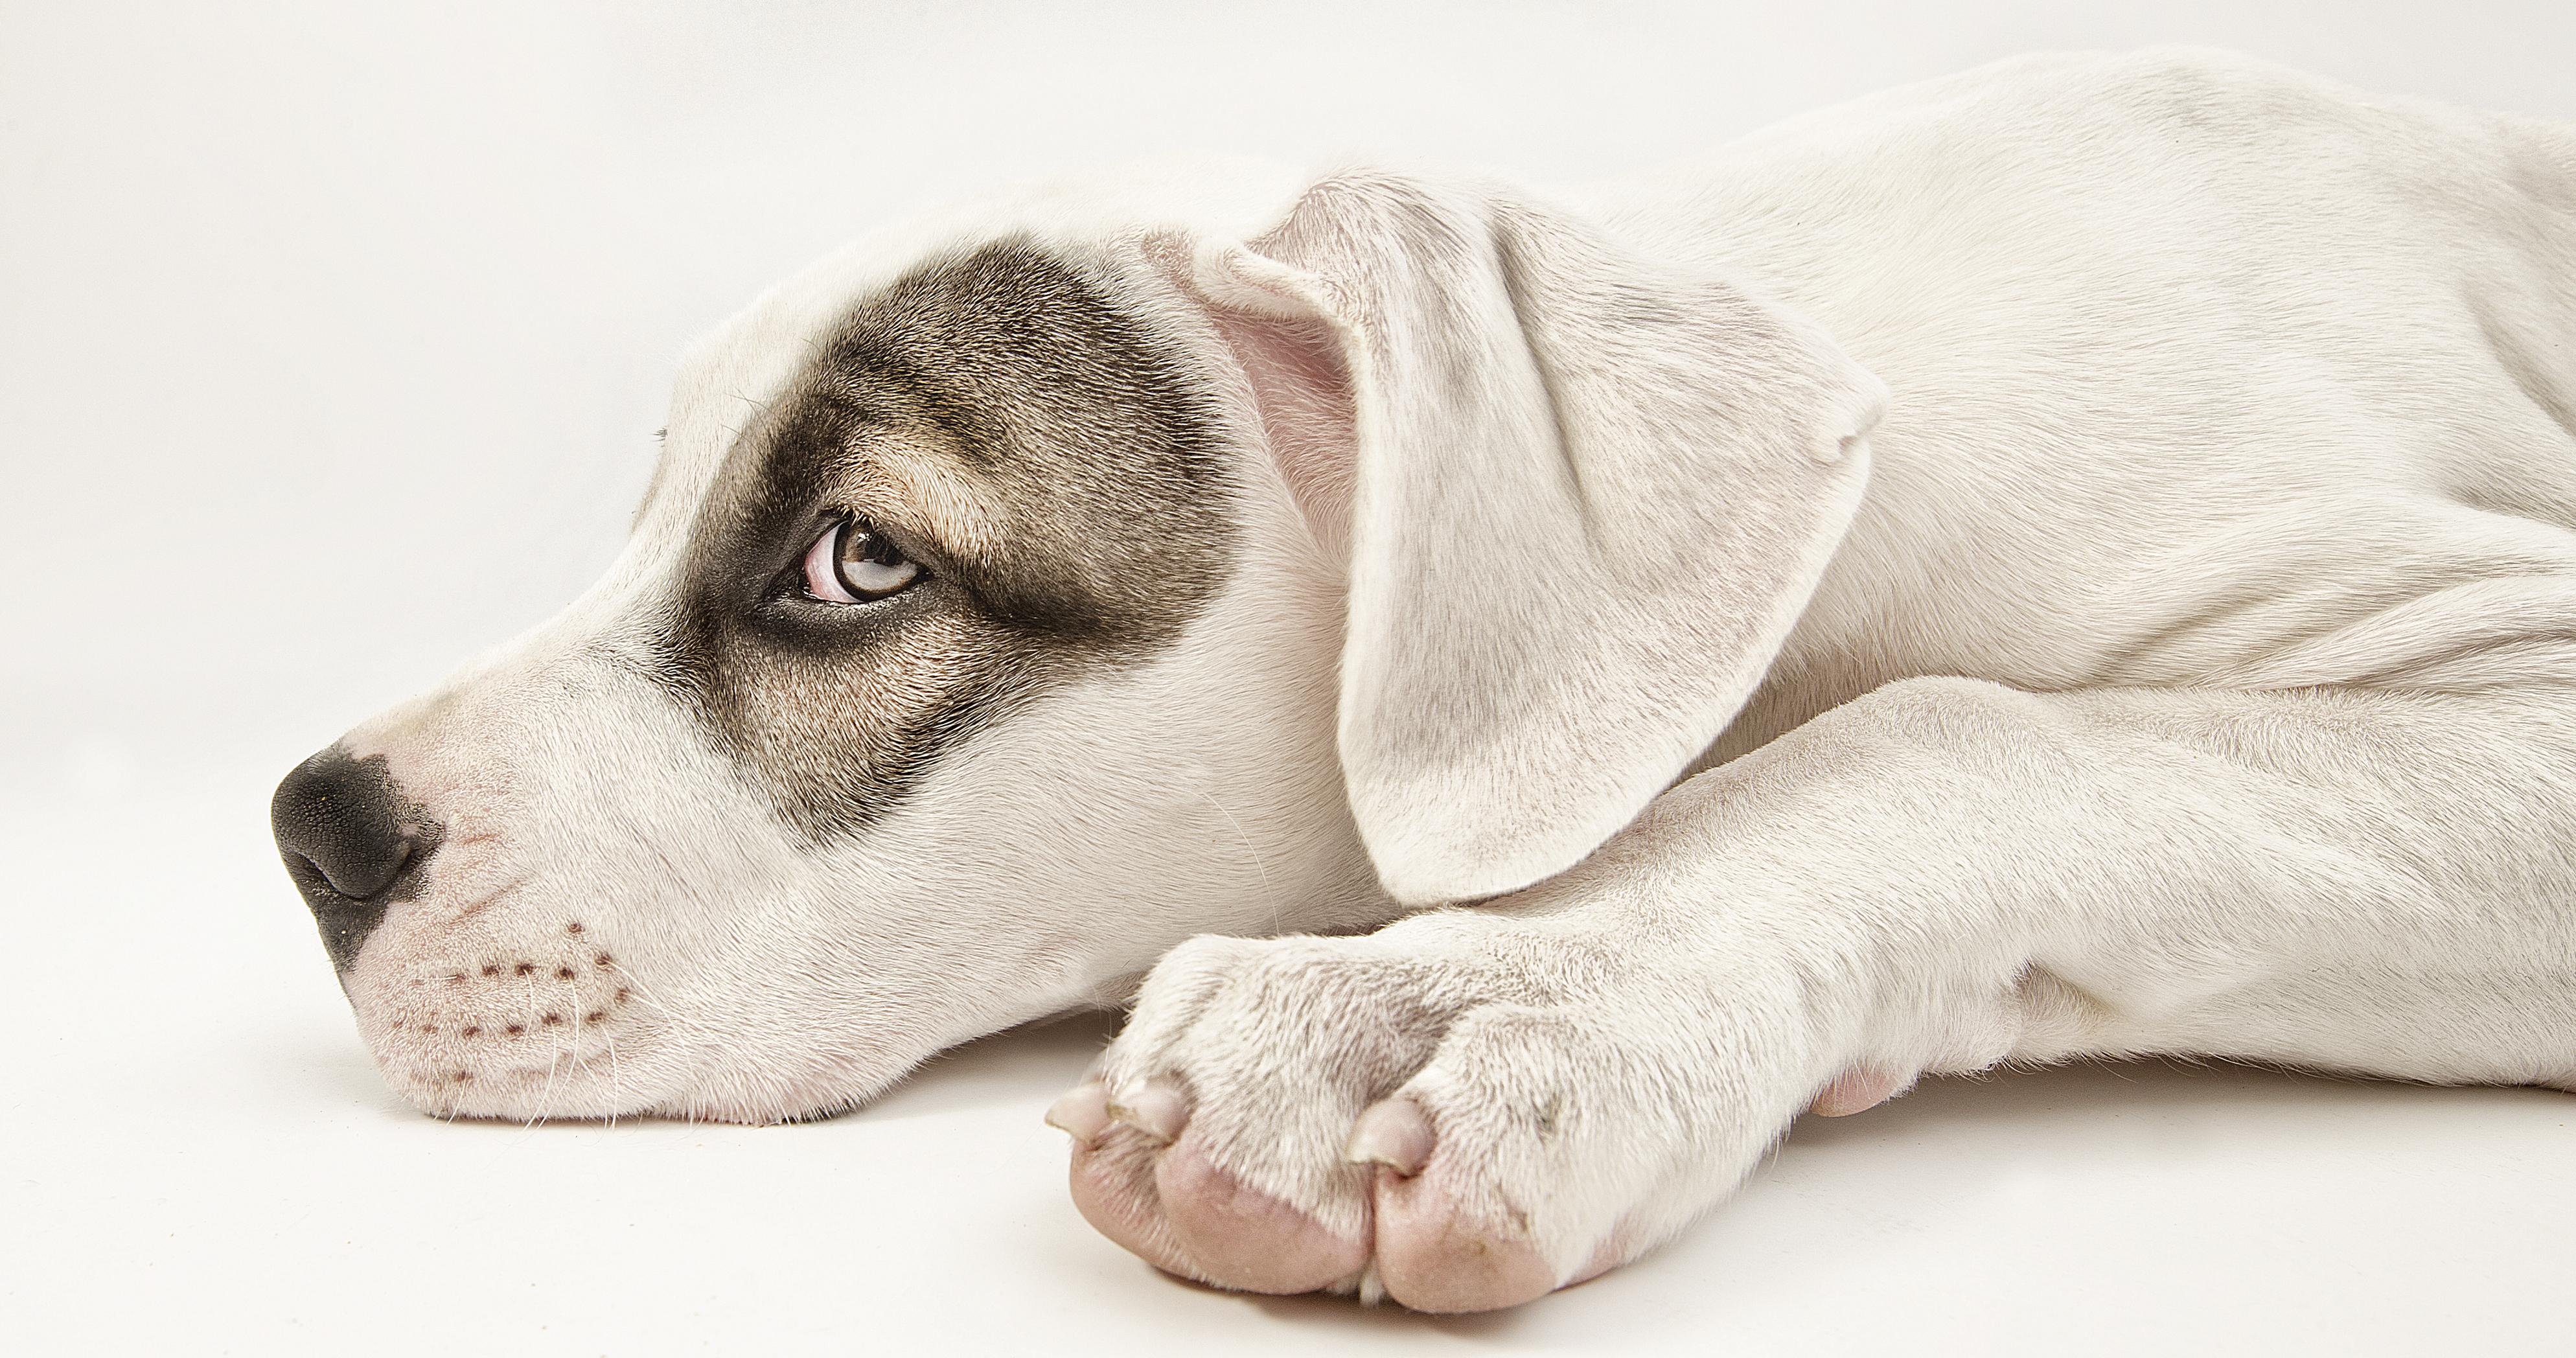 013-hundefotos-hundefotografie-hundebilder-hundeportraits-woelfe-caniden-hundefotograf-hundewelpen.h